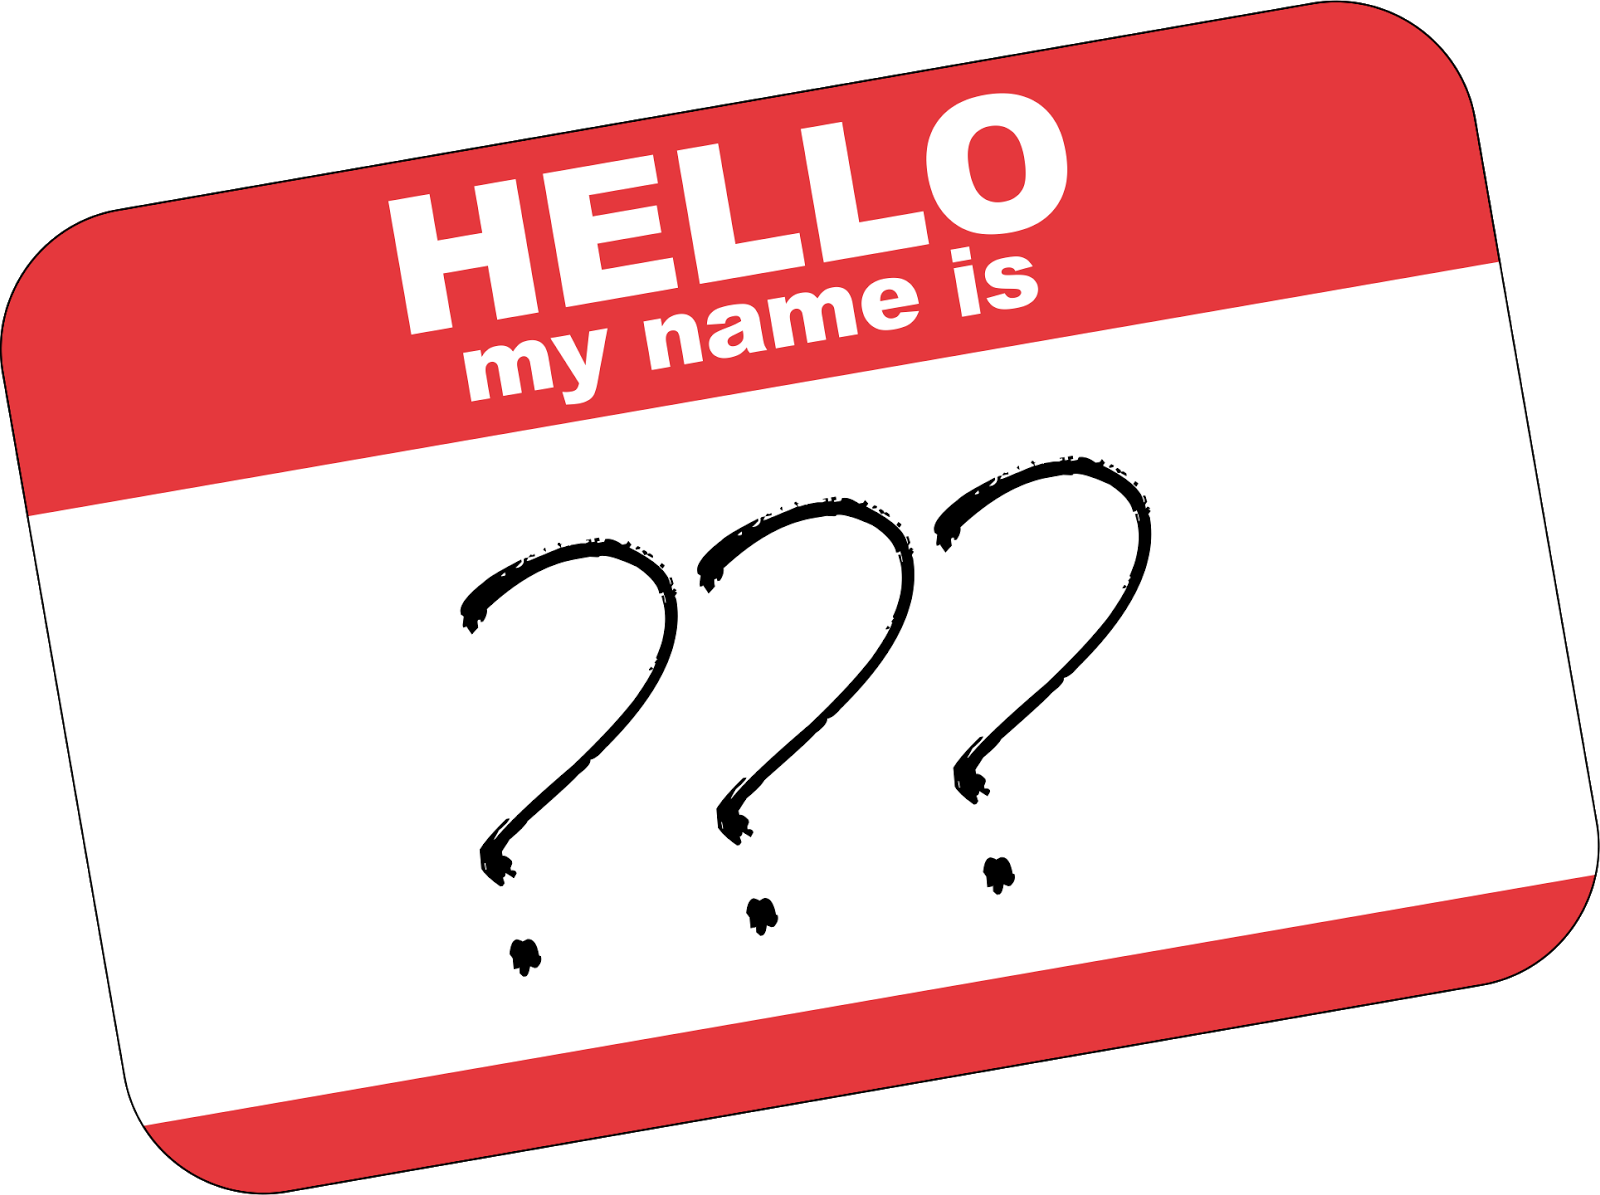 アドセンスアカウントの登録は本名じゃないといけないの?